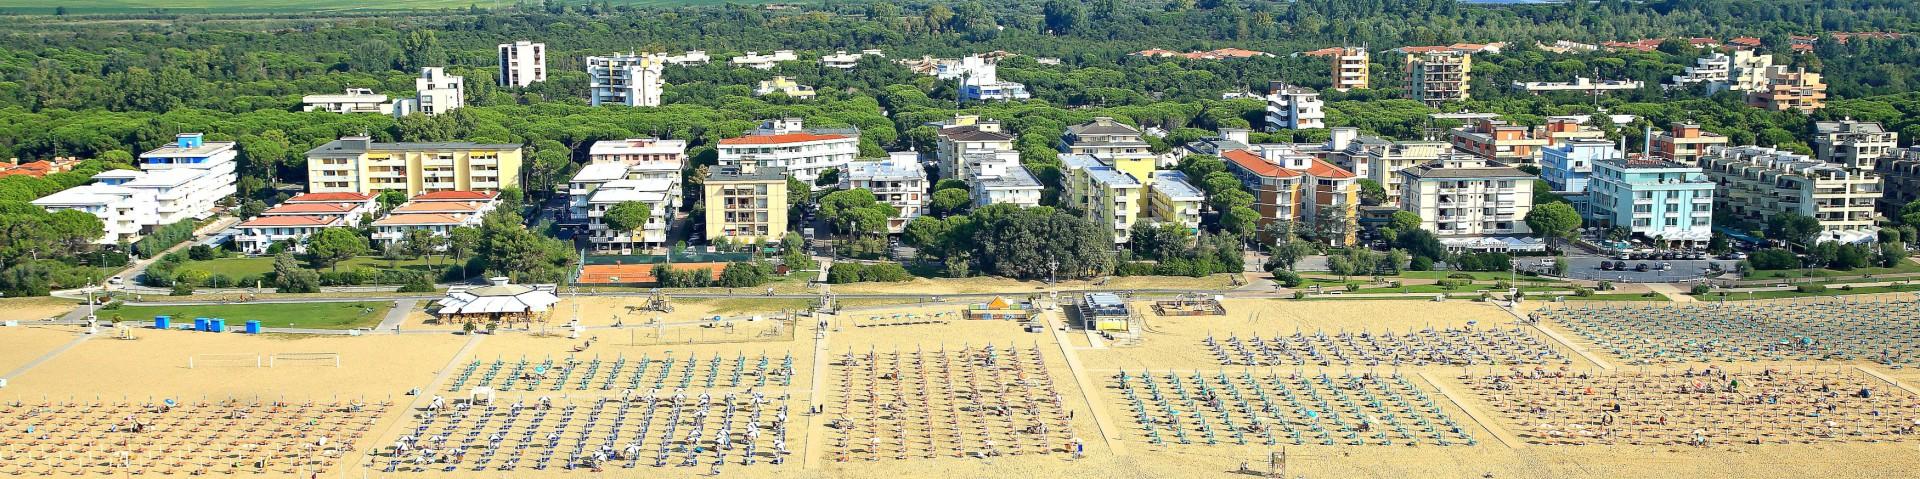 Bibione Lido del Sole, většina ubytování je nedaleko pláže